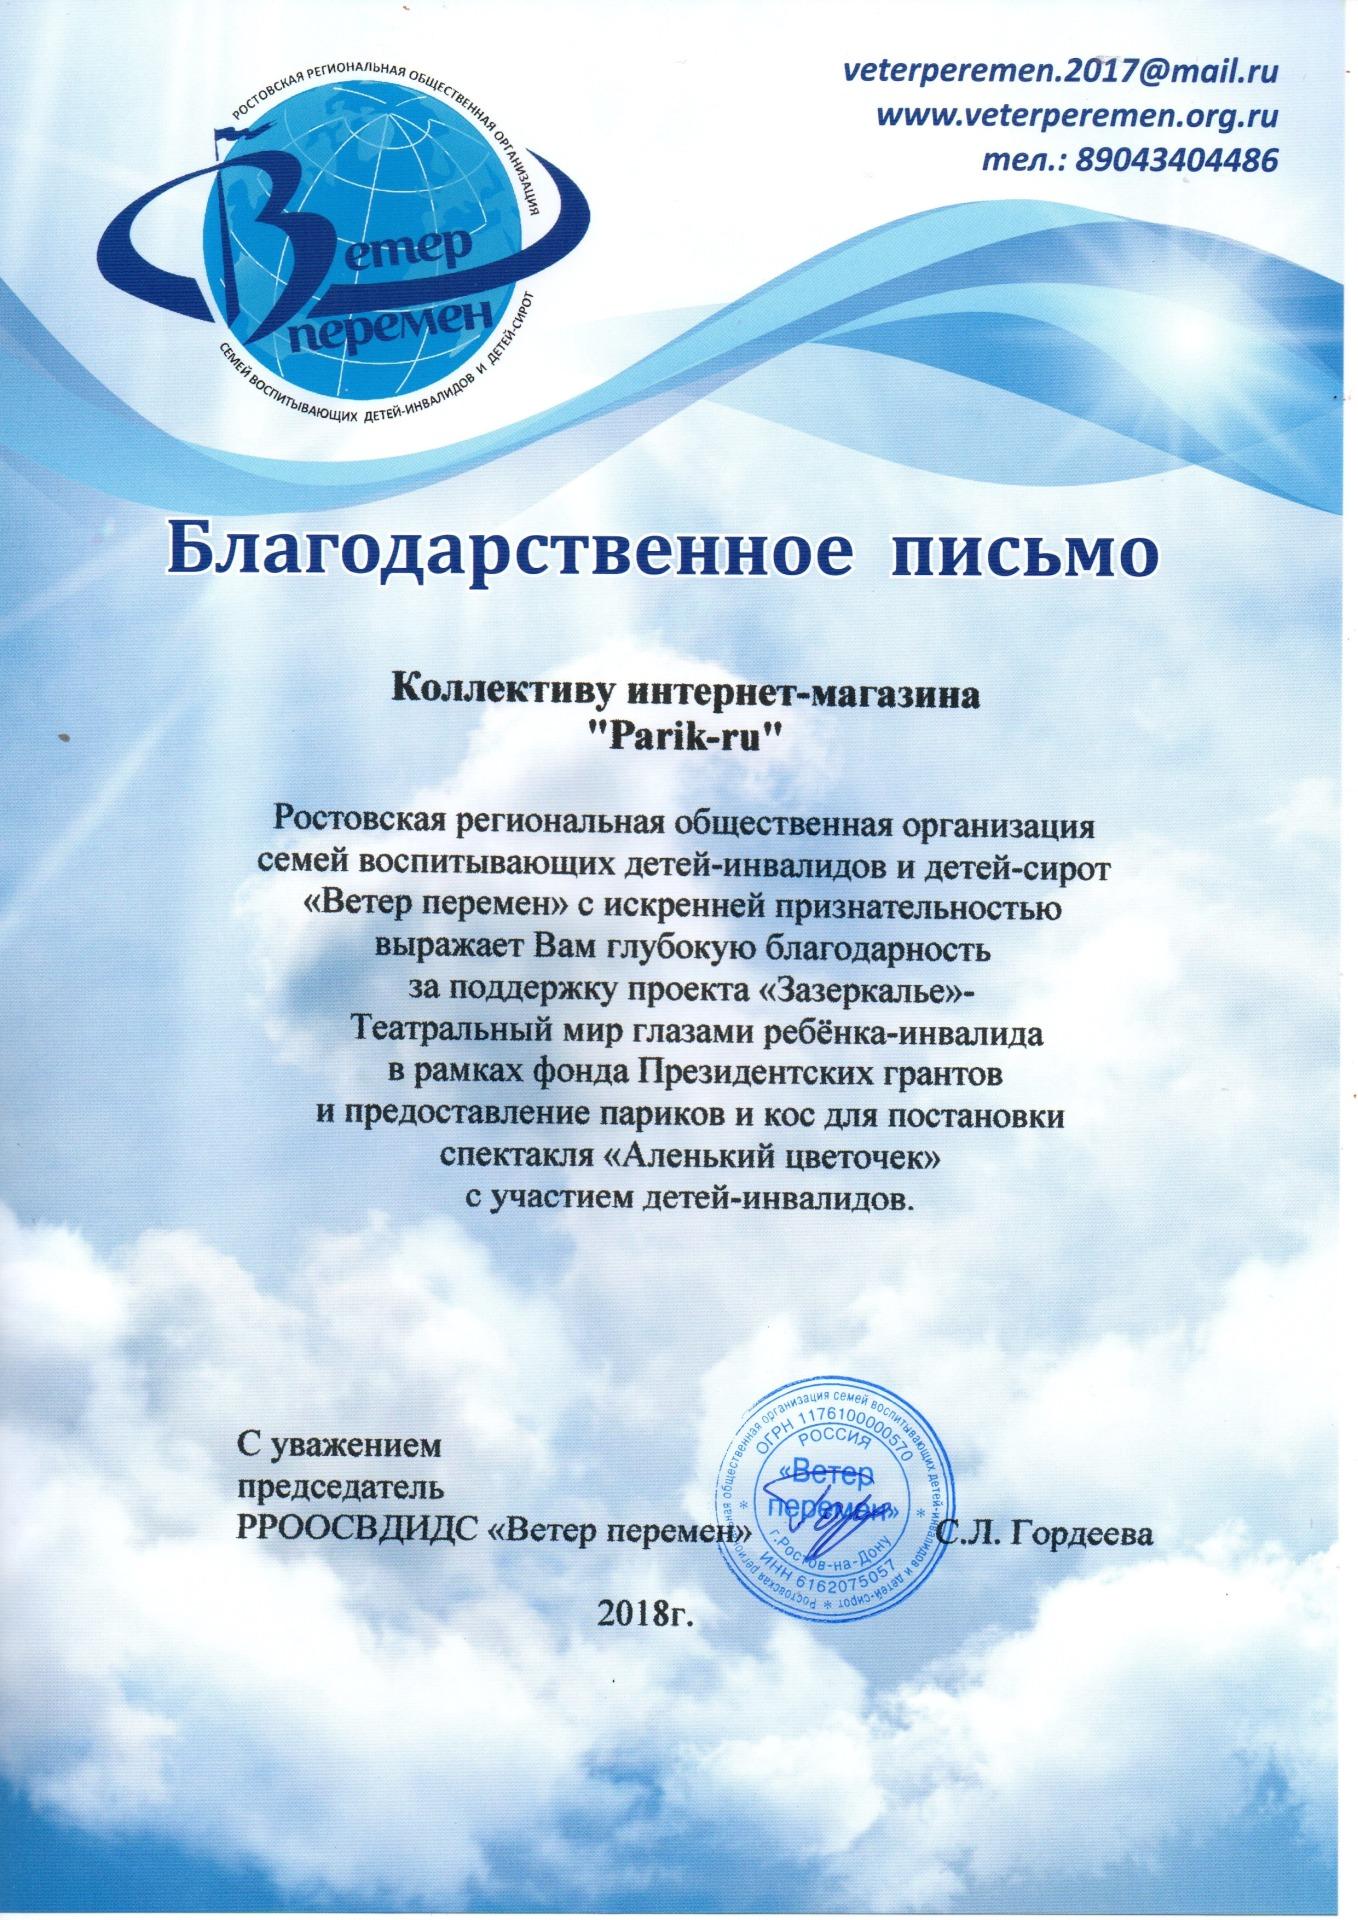 Благодарственное письмо магазину париков Parik-ru